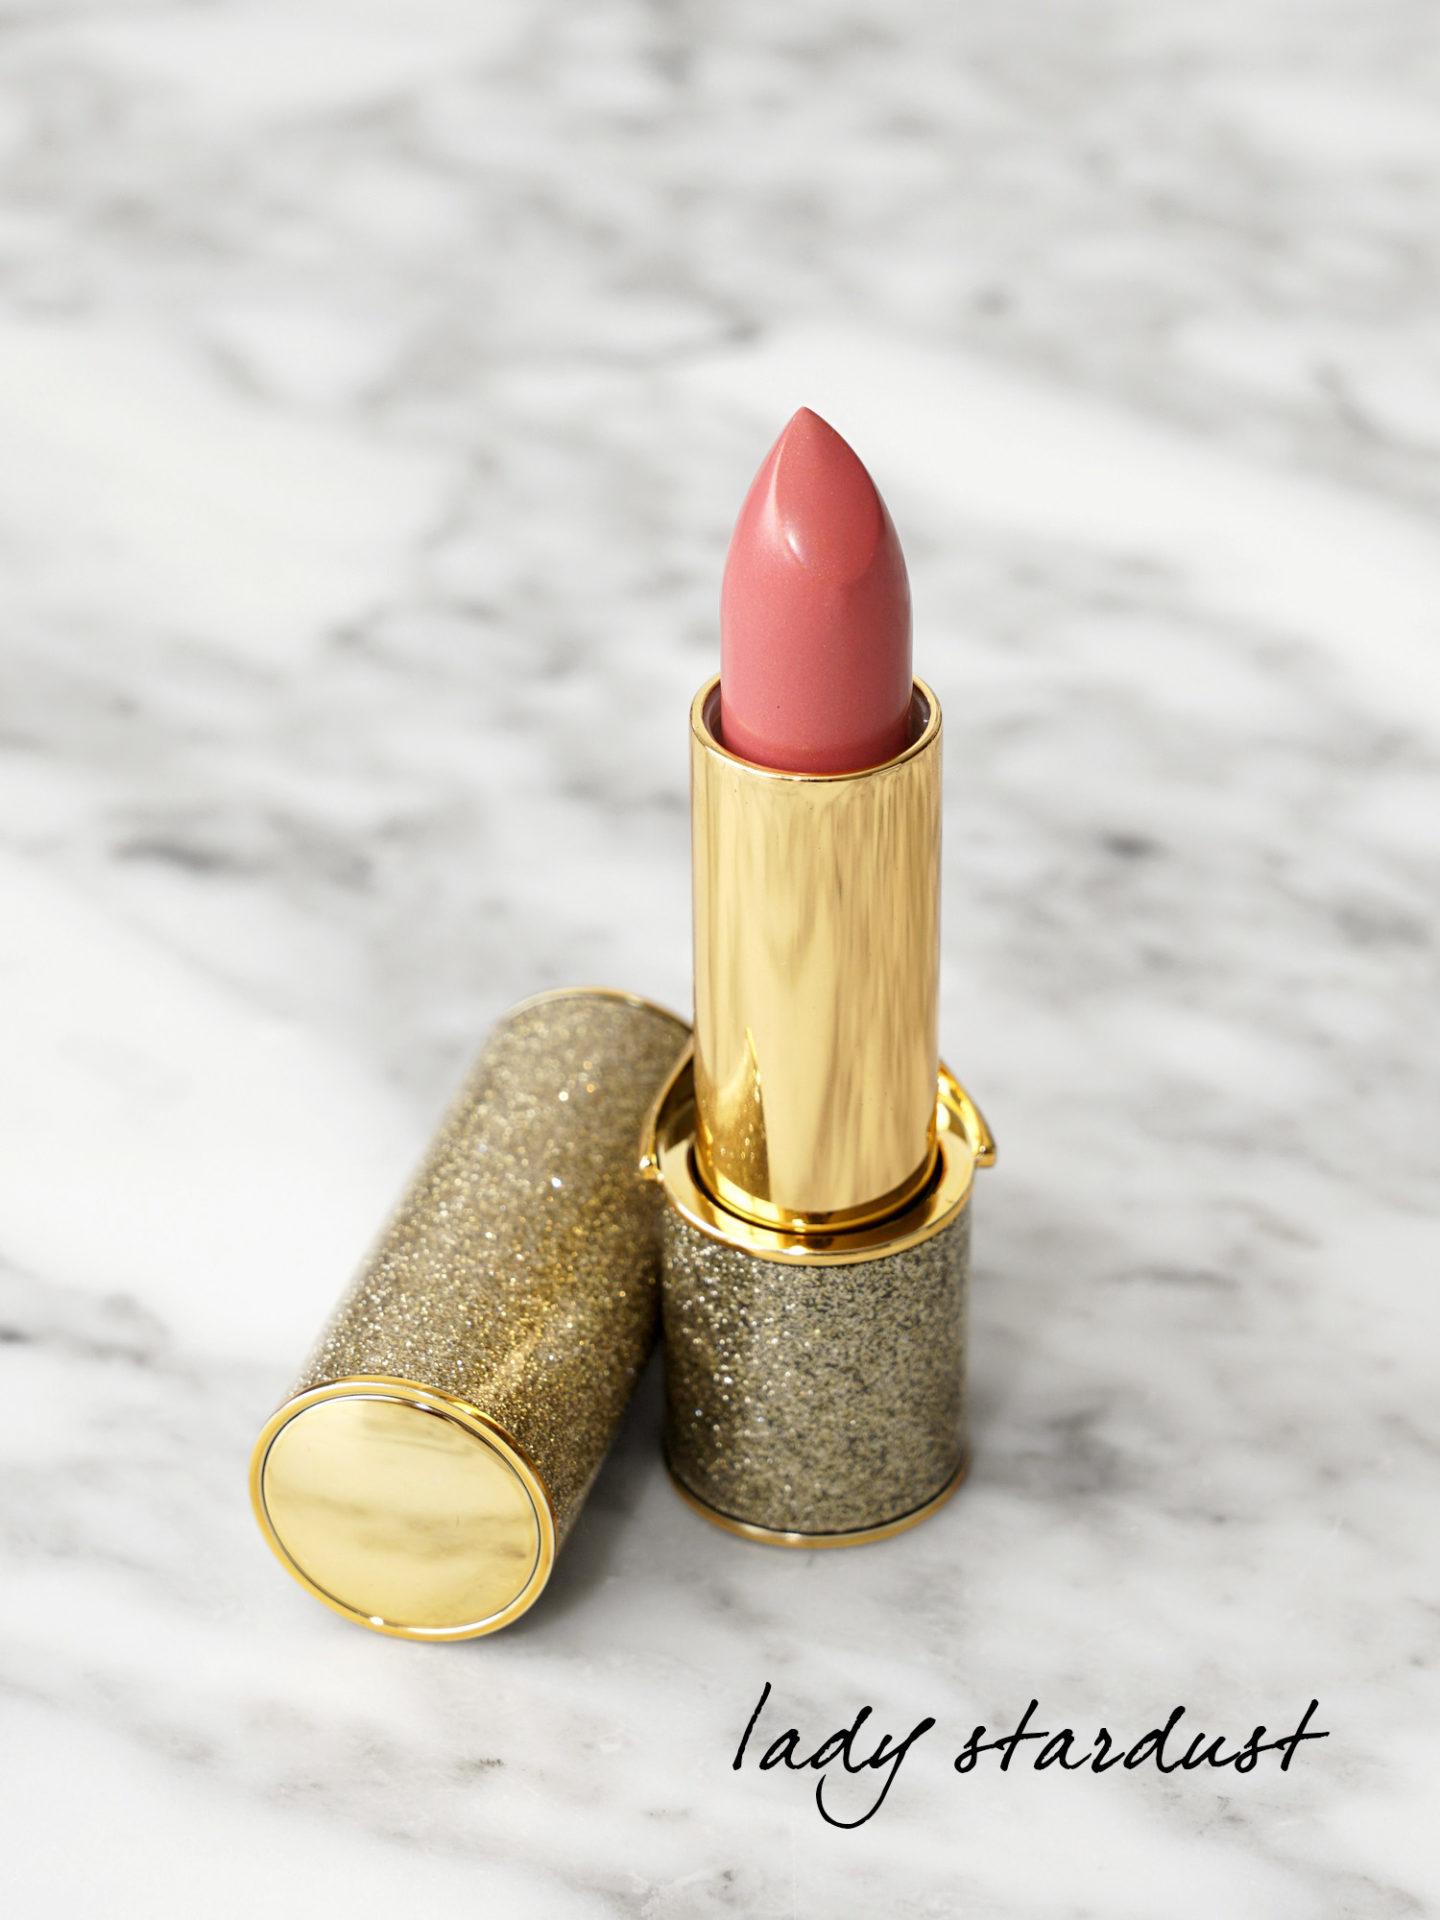 Rouge à lèvres Pat McGrath BlitzTrance Lady Stardust | Le look book beauté